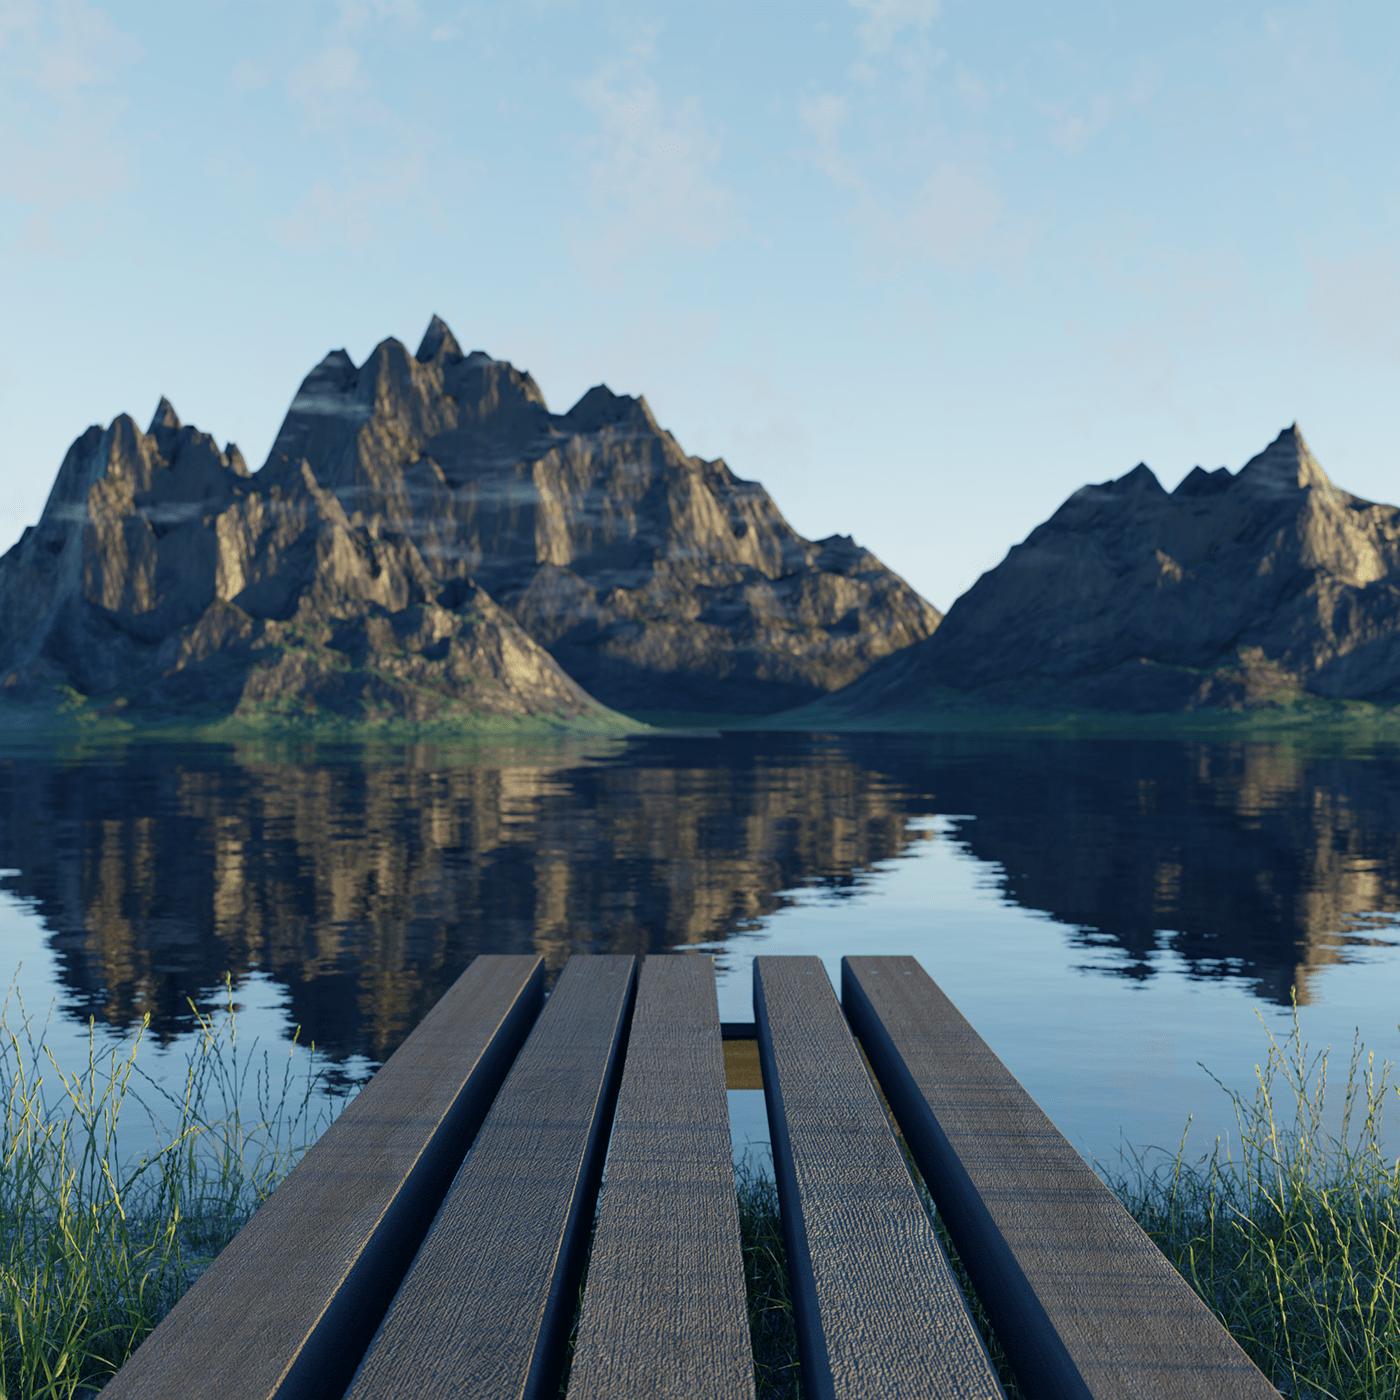 3drender blender lake mountain Render